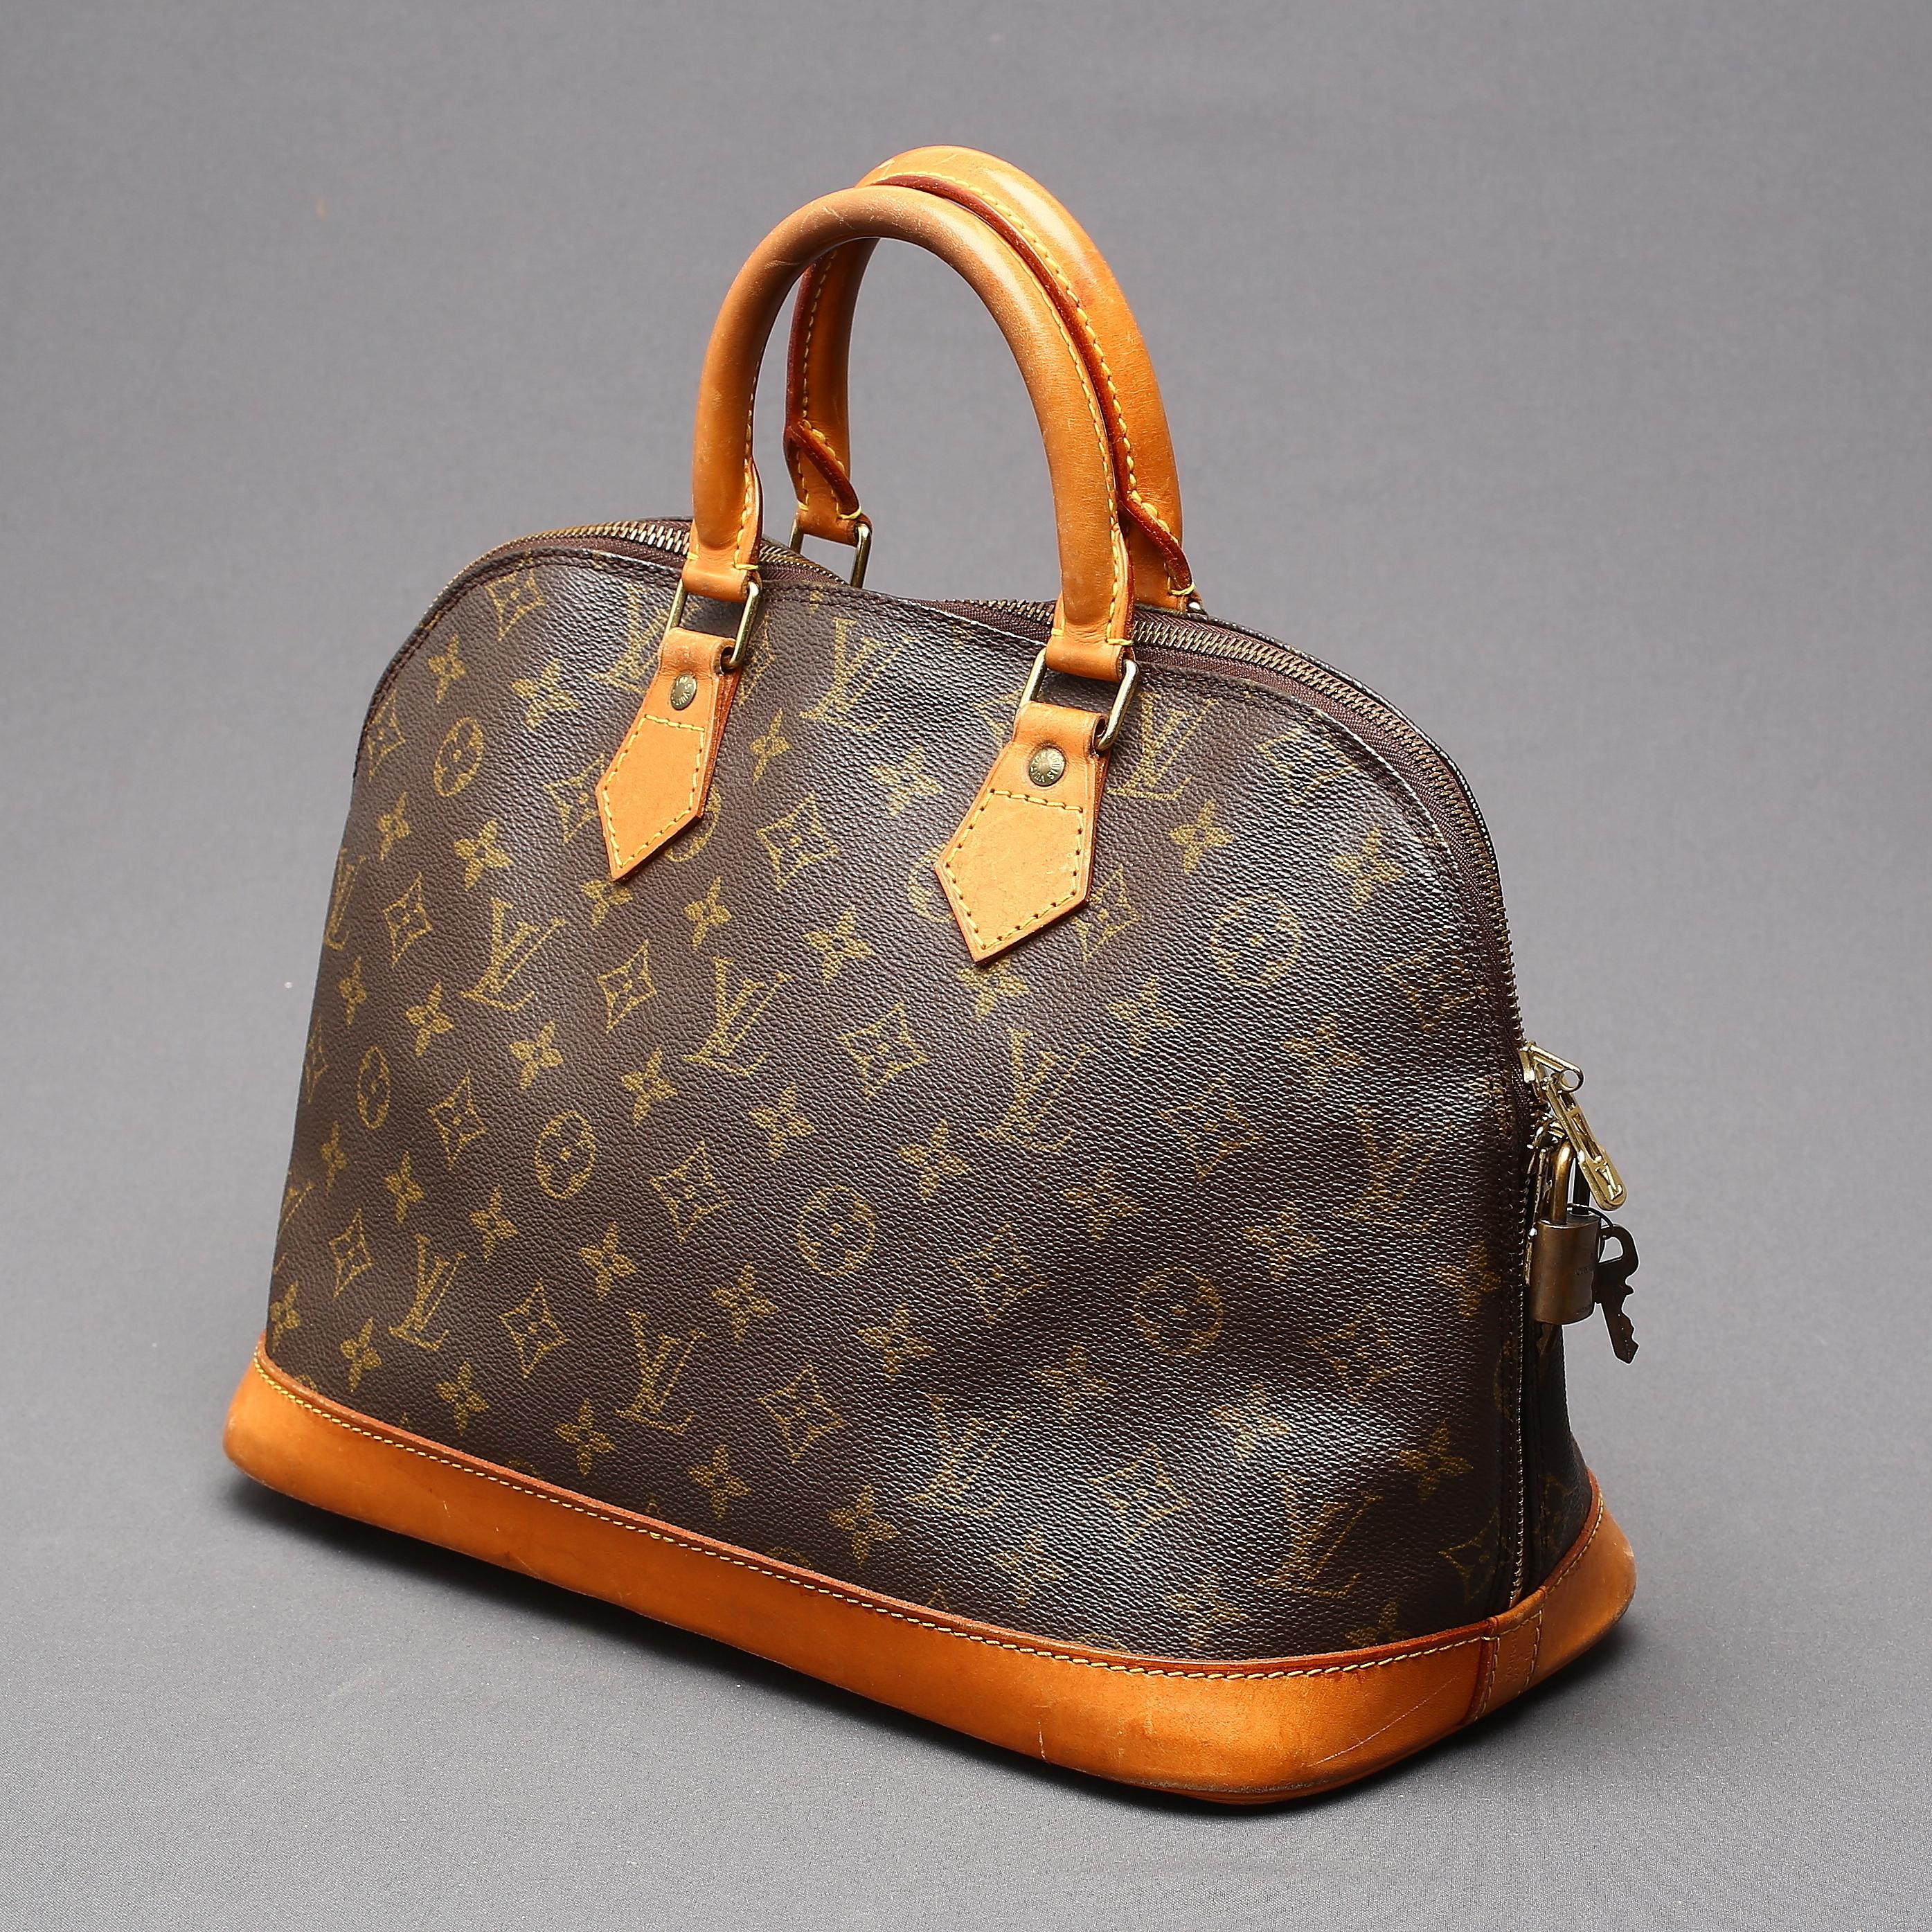 Louis Vuitton Handbag Alma Pm Monogram Canvas Paris France 1993 Vintage Clothing Accessories Auctionet